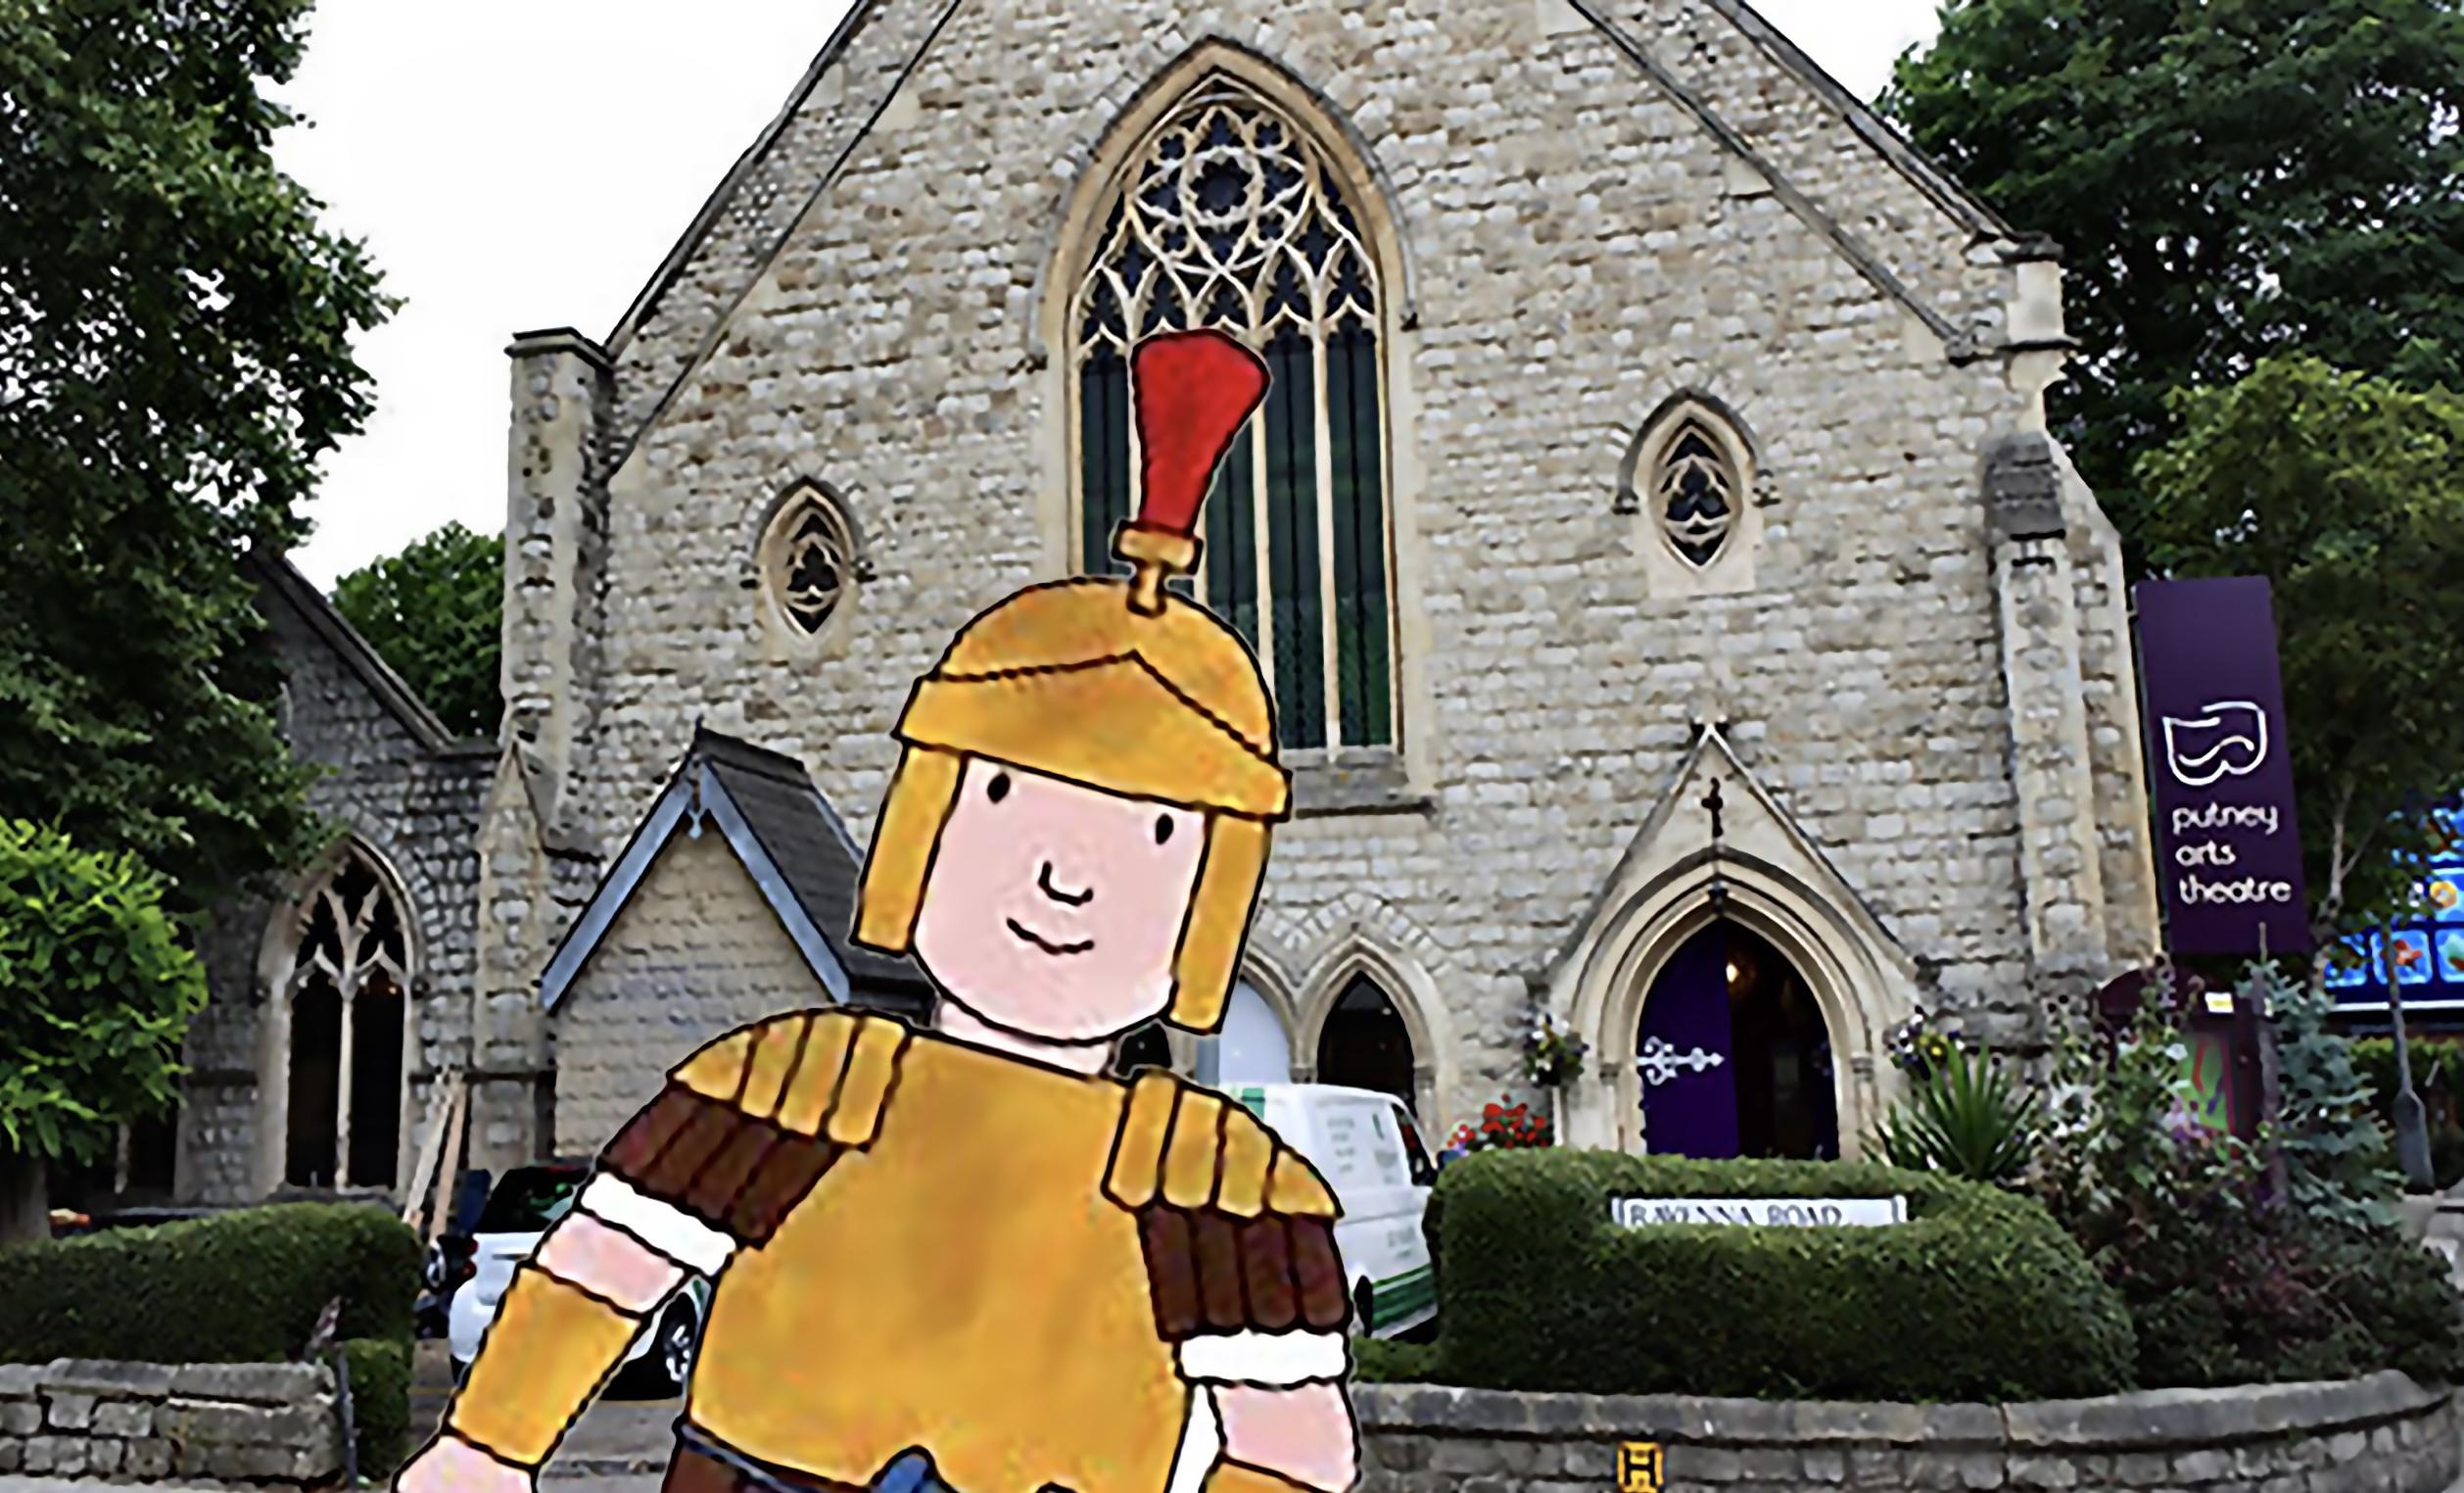 Mr Benn dressed as a gladiator in Putney